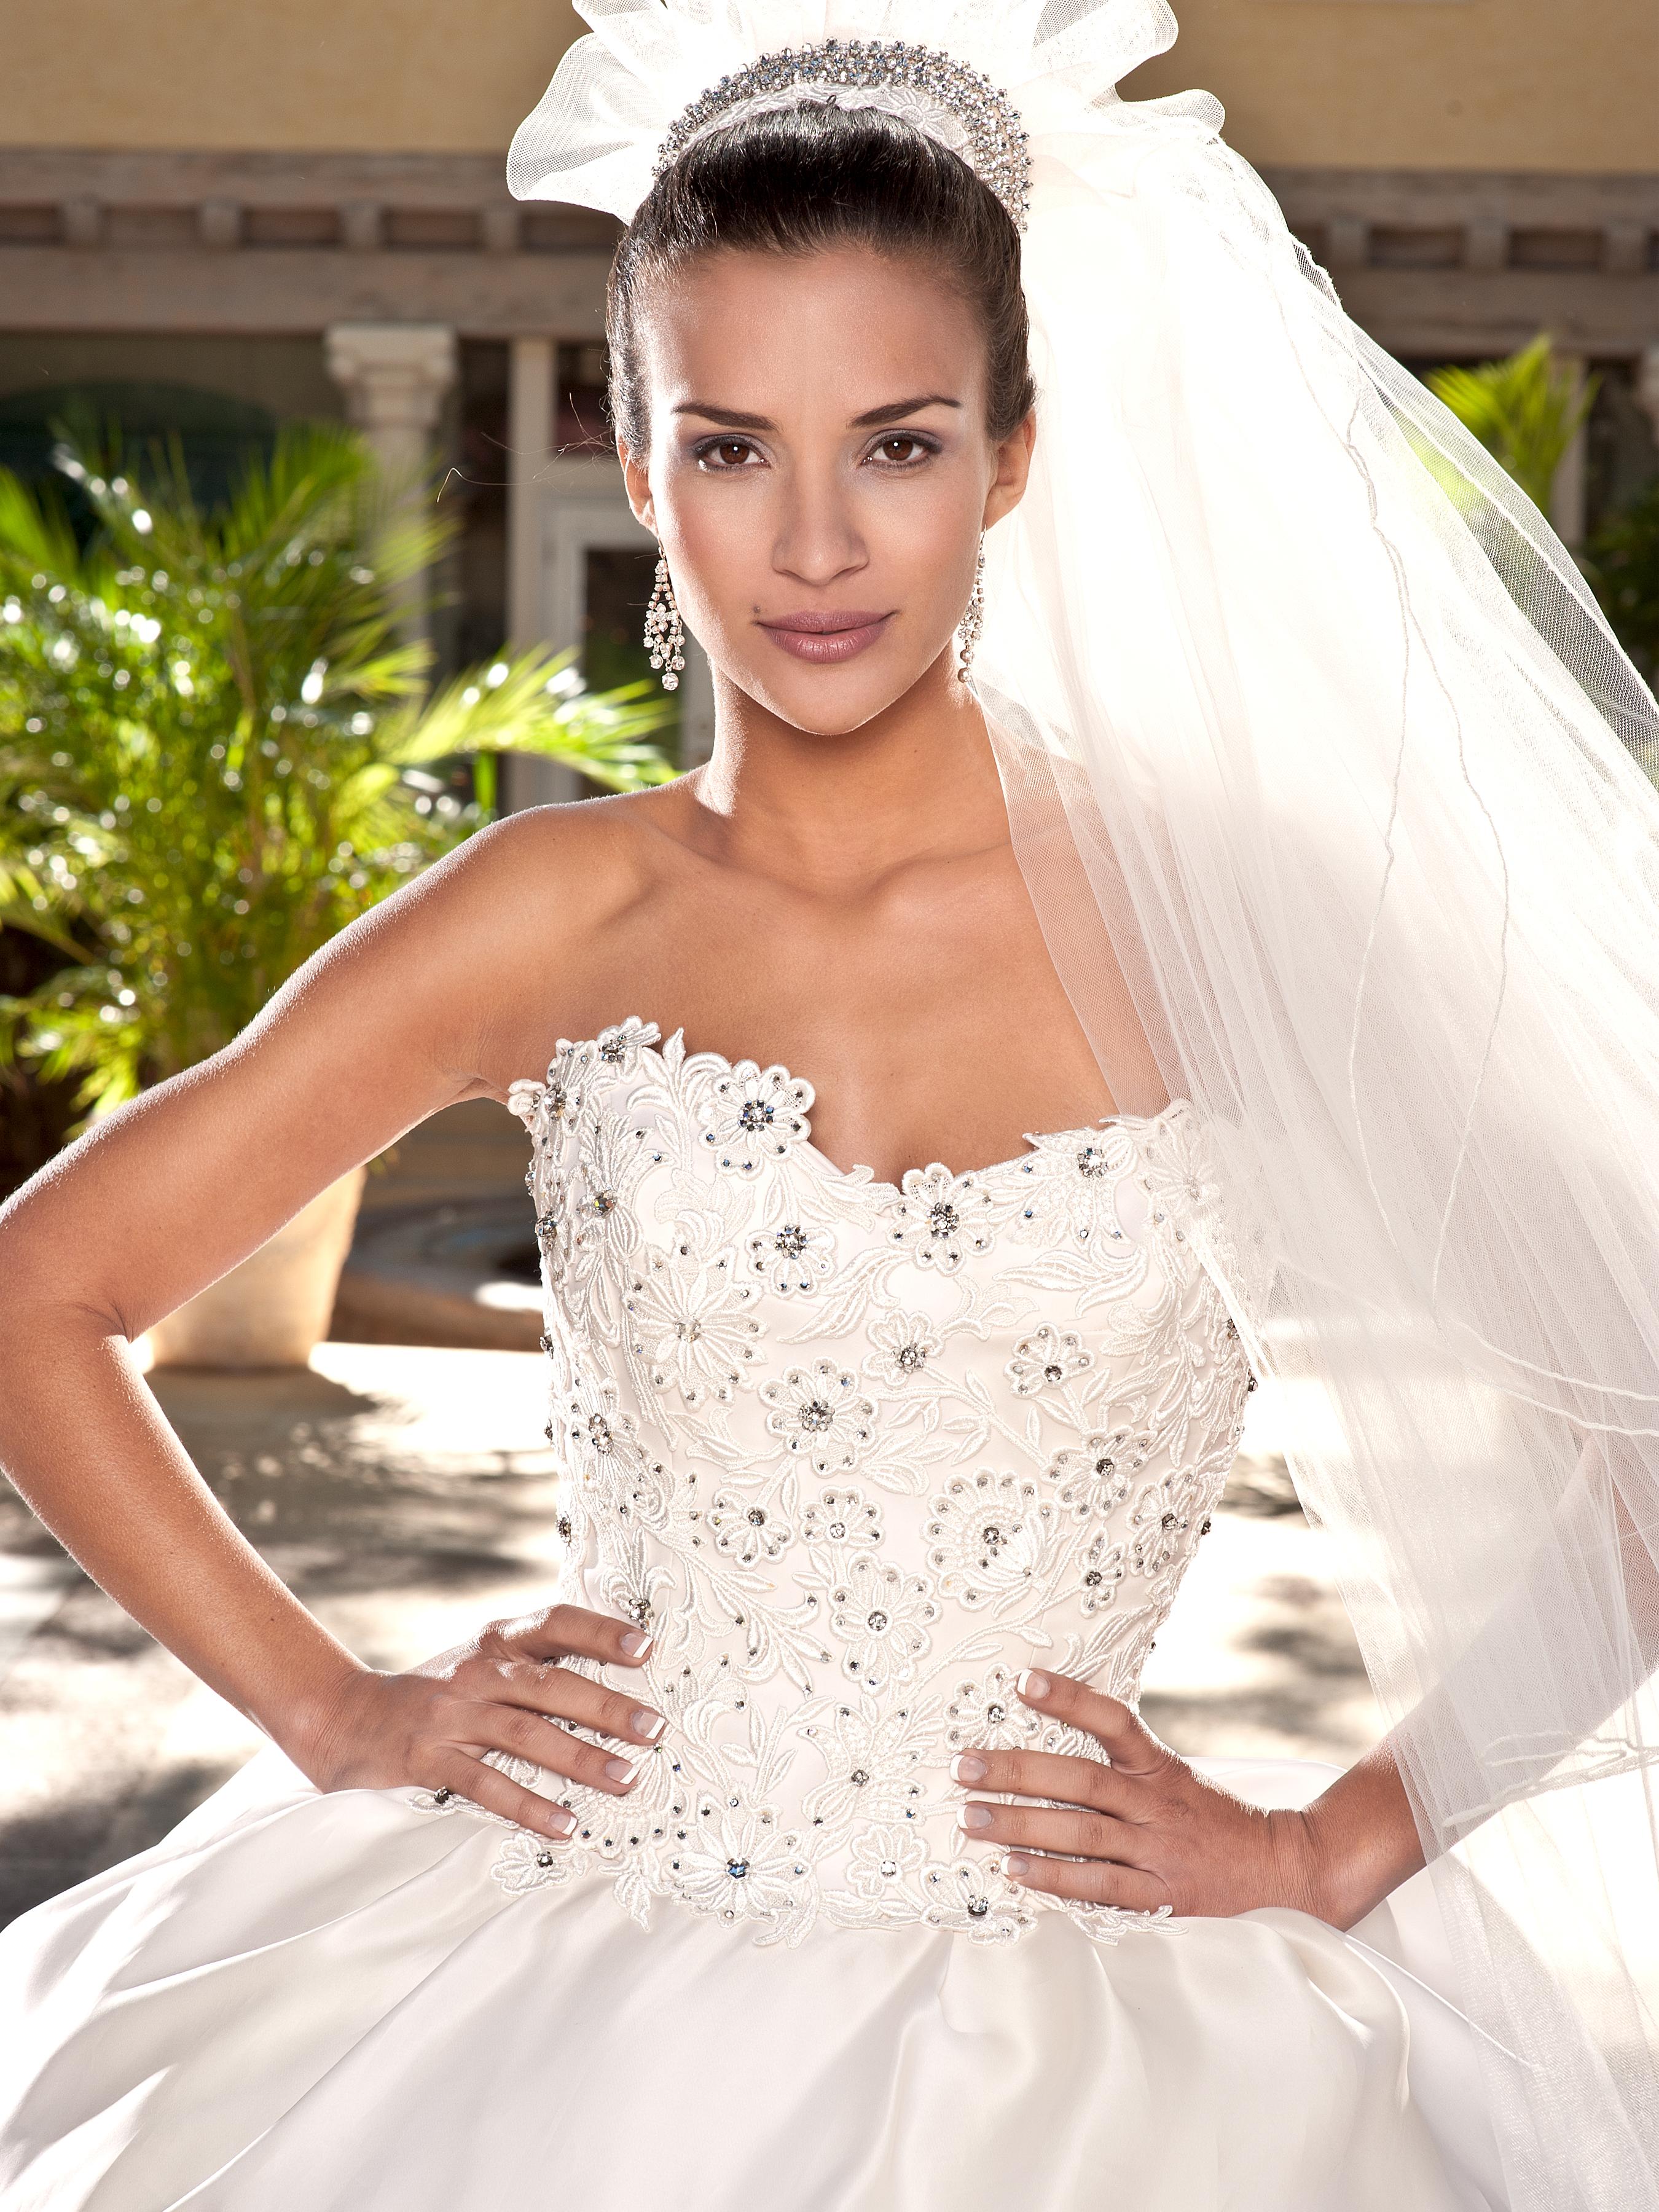 Bridal Makeup South Florida